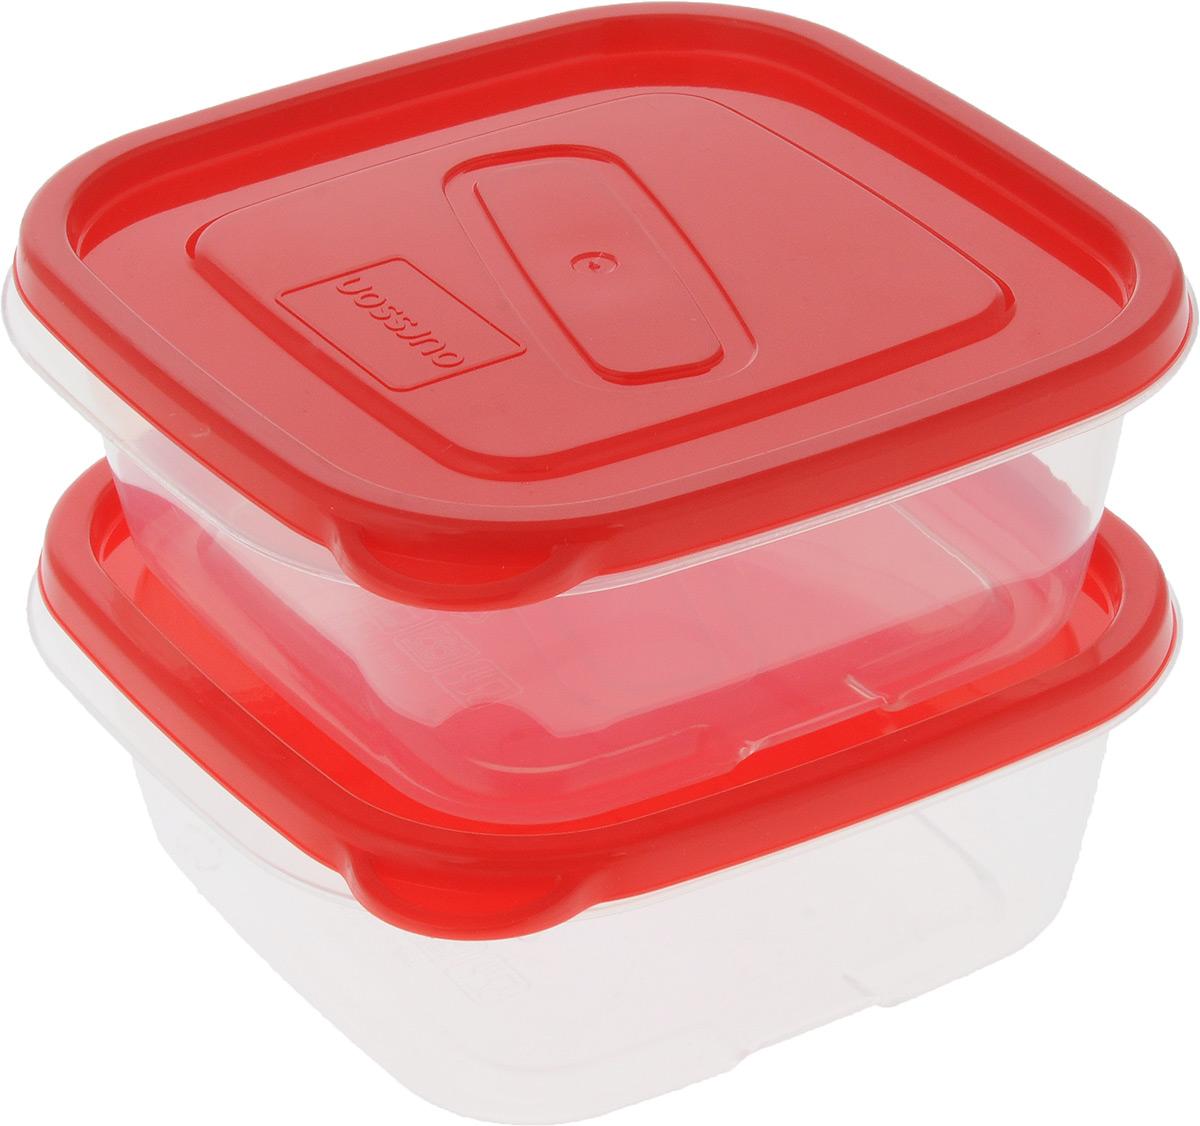 Набор контейнеров Oursson, квадратные, цвет: прозрачный, красный, 0,45 л, 2 штCP1081S/RDНабор Oursson состоит из двух контейнеров, которые изготовлены из высококачественного пластика. Изделие идеально подходит не только для хранения, но и для транспортировки пищи. Контейнеры оснащены плотно закрывающимися крышками. Можно использовать в СВЧ-печах, холодильниках и морозильных камерах. Можно мыть в посудомоечной машине. Размер контейнеров (без учета крышки): 12 х 12 см. Высота контейнеров (без учета крышки): 5 см.